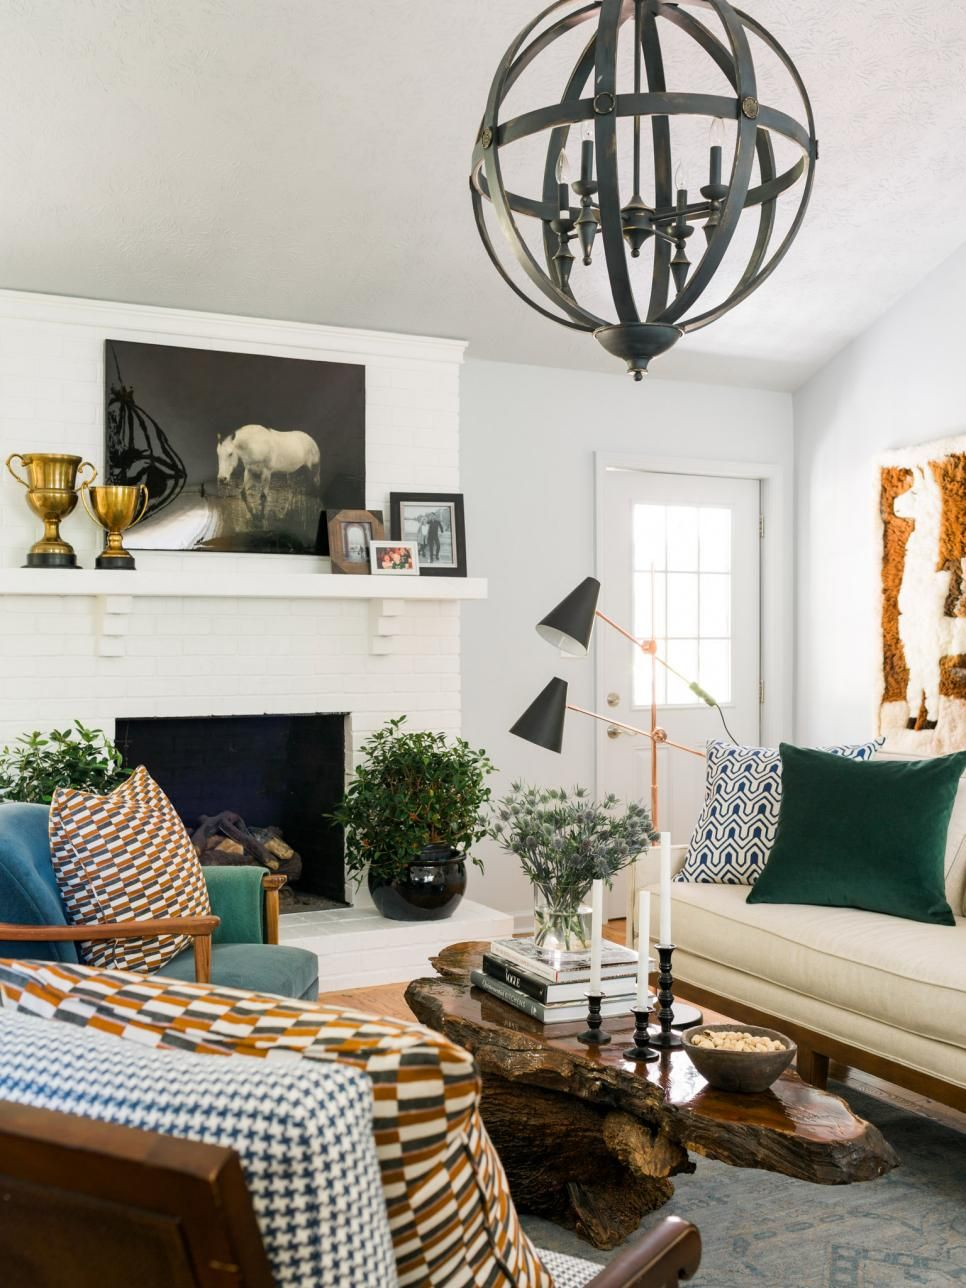 12 Ways to Make Your Open Floor Plan Feel Cozy | Pinterest | Hgtv ...